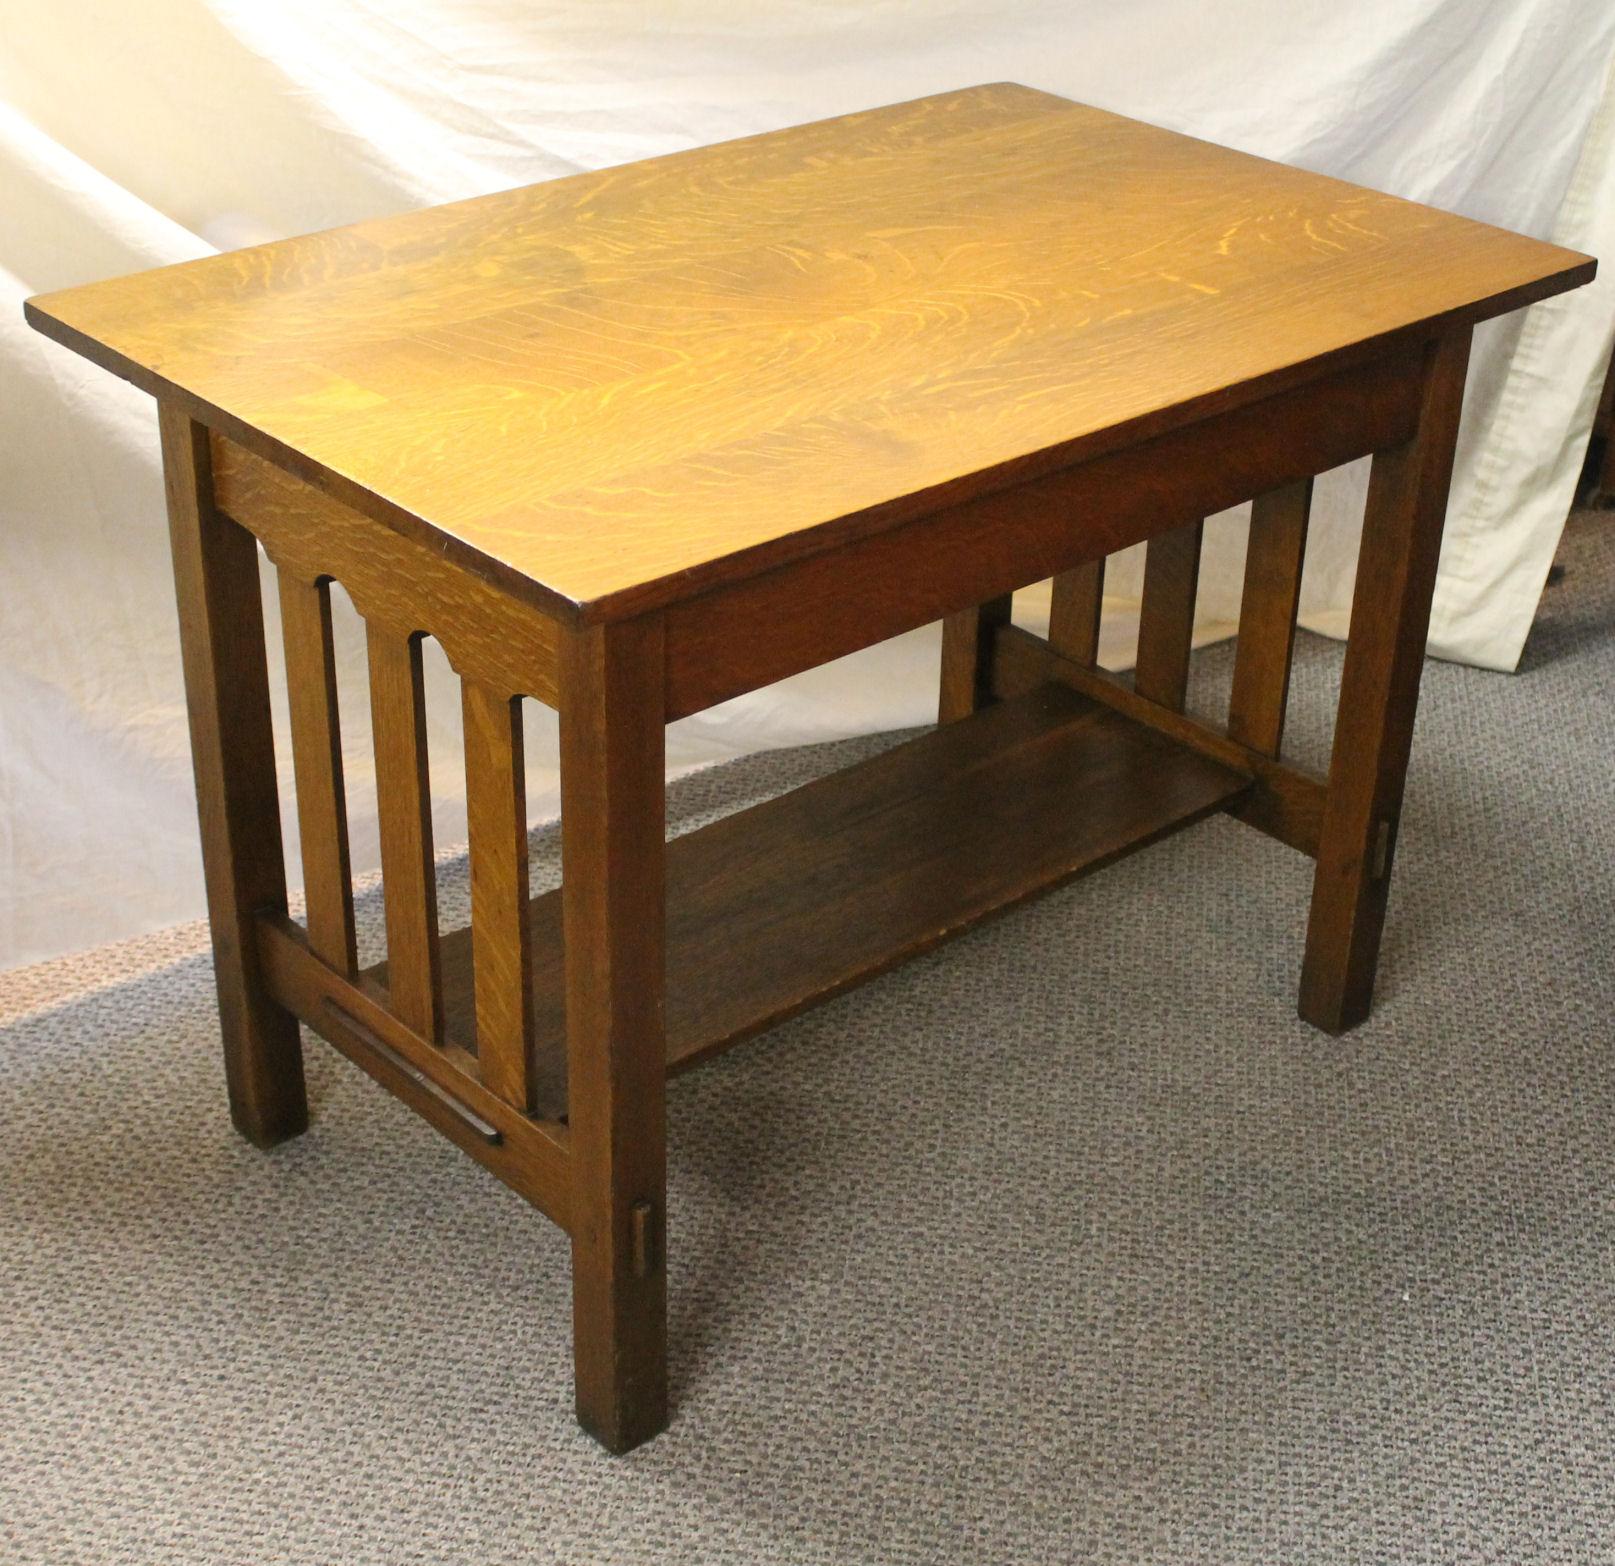 Bargain John S Antiques Antique Mission Oak Arts